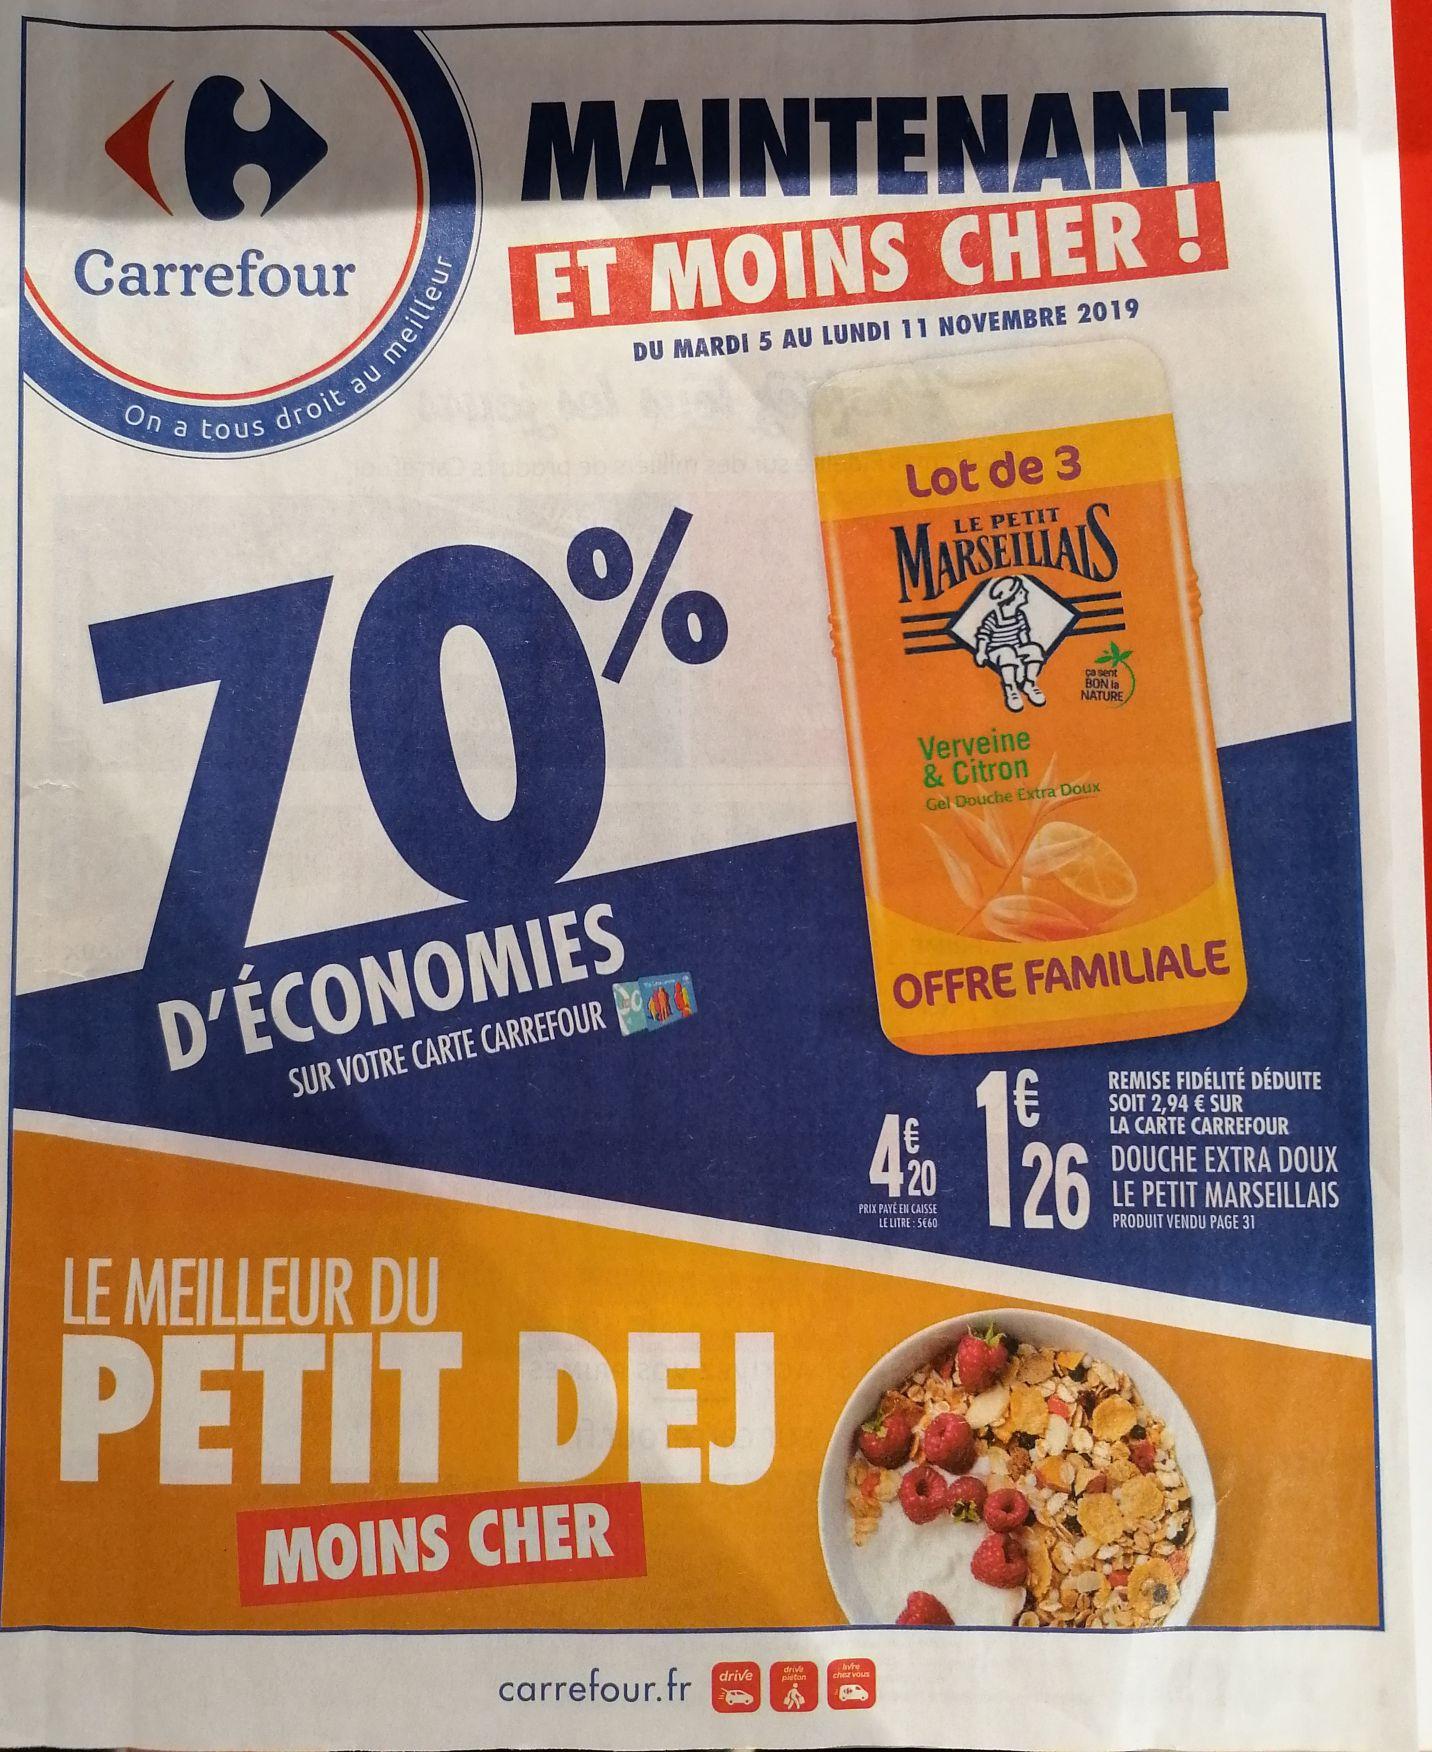 Lot de 3 Gels douche extra doux - Le petit marseillais (Via 2.94€ sur la carte fidélité)